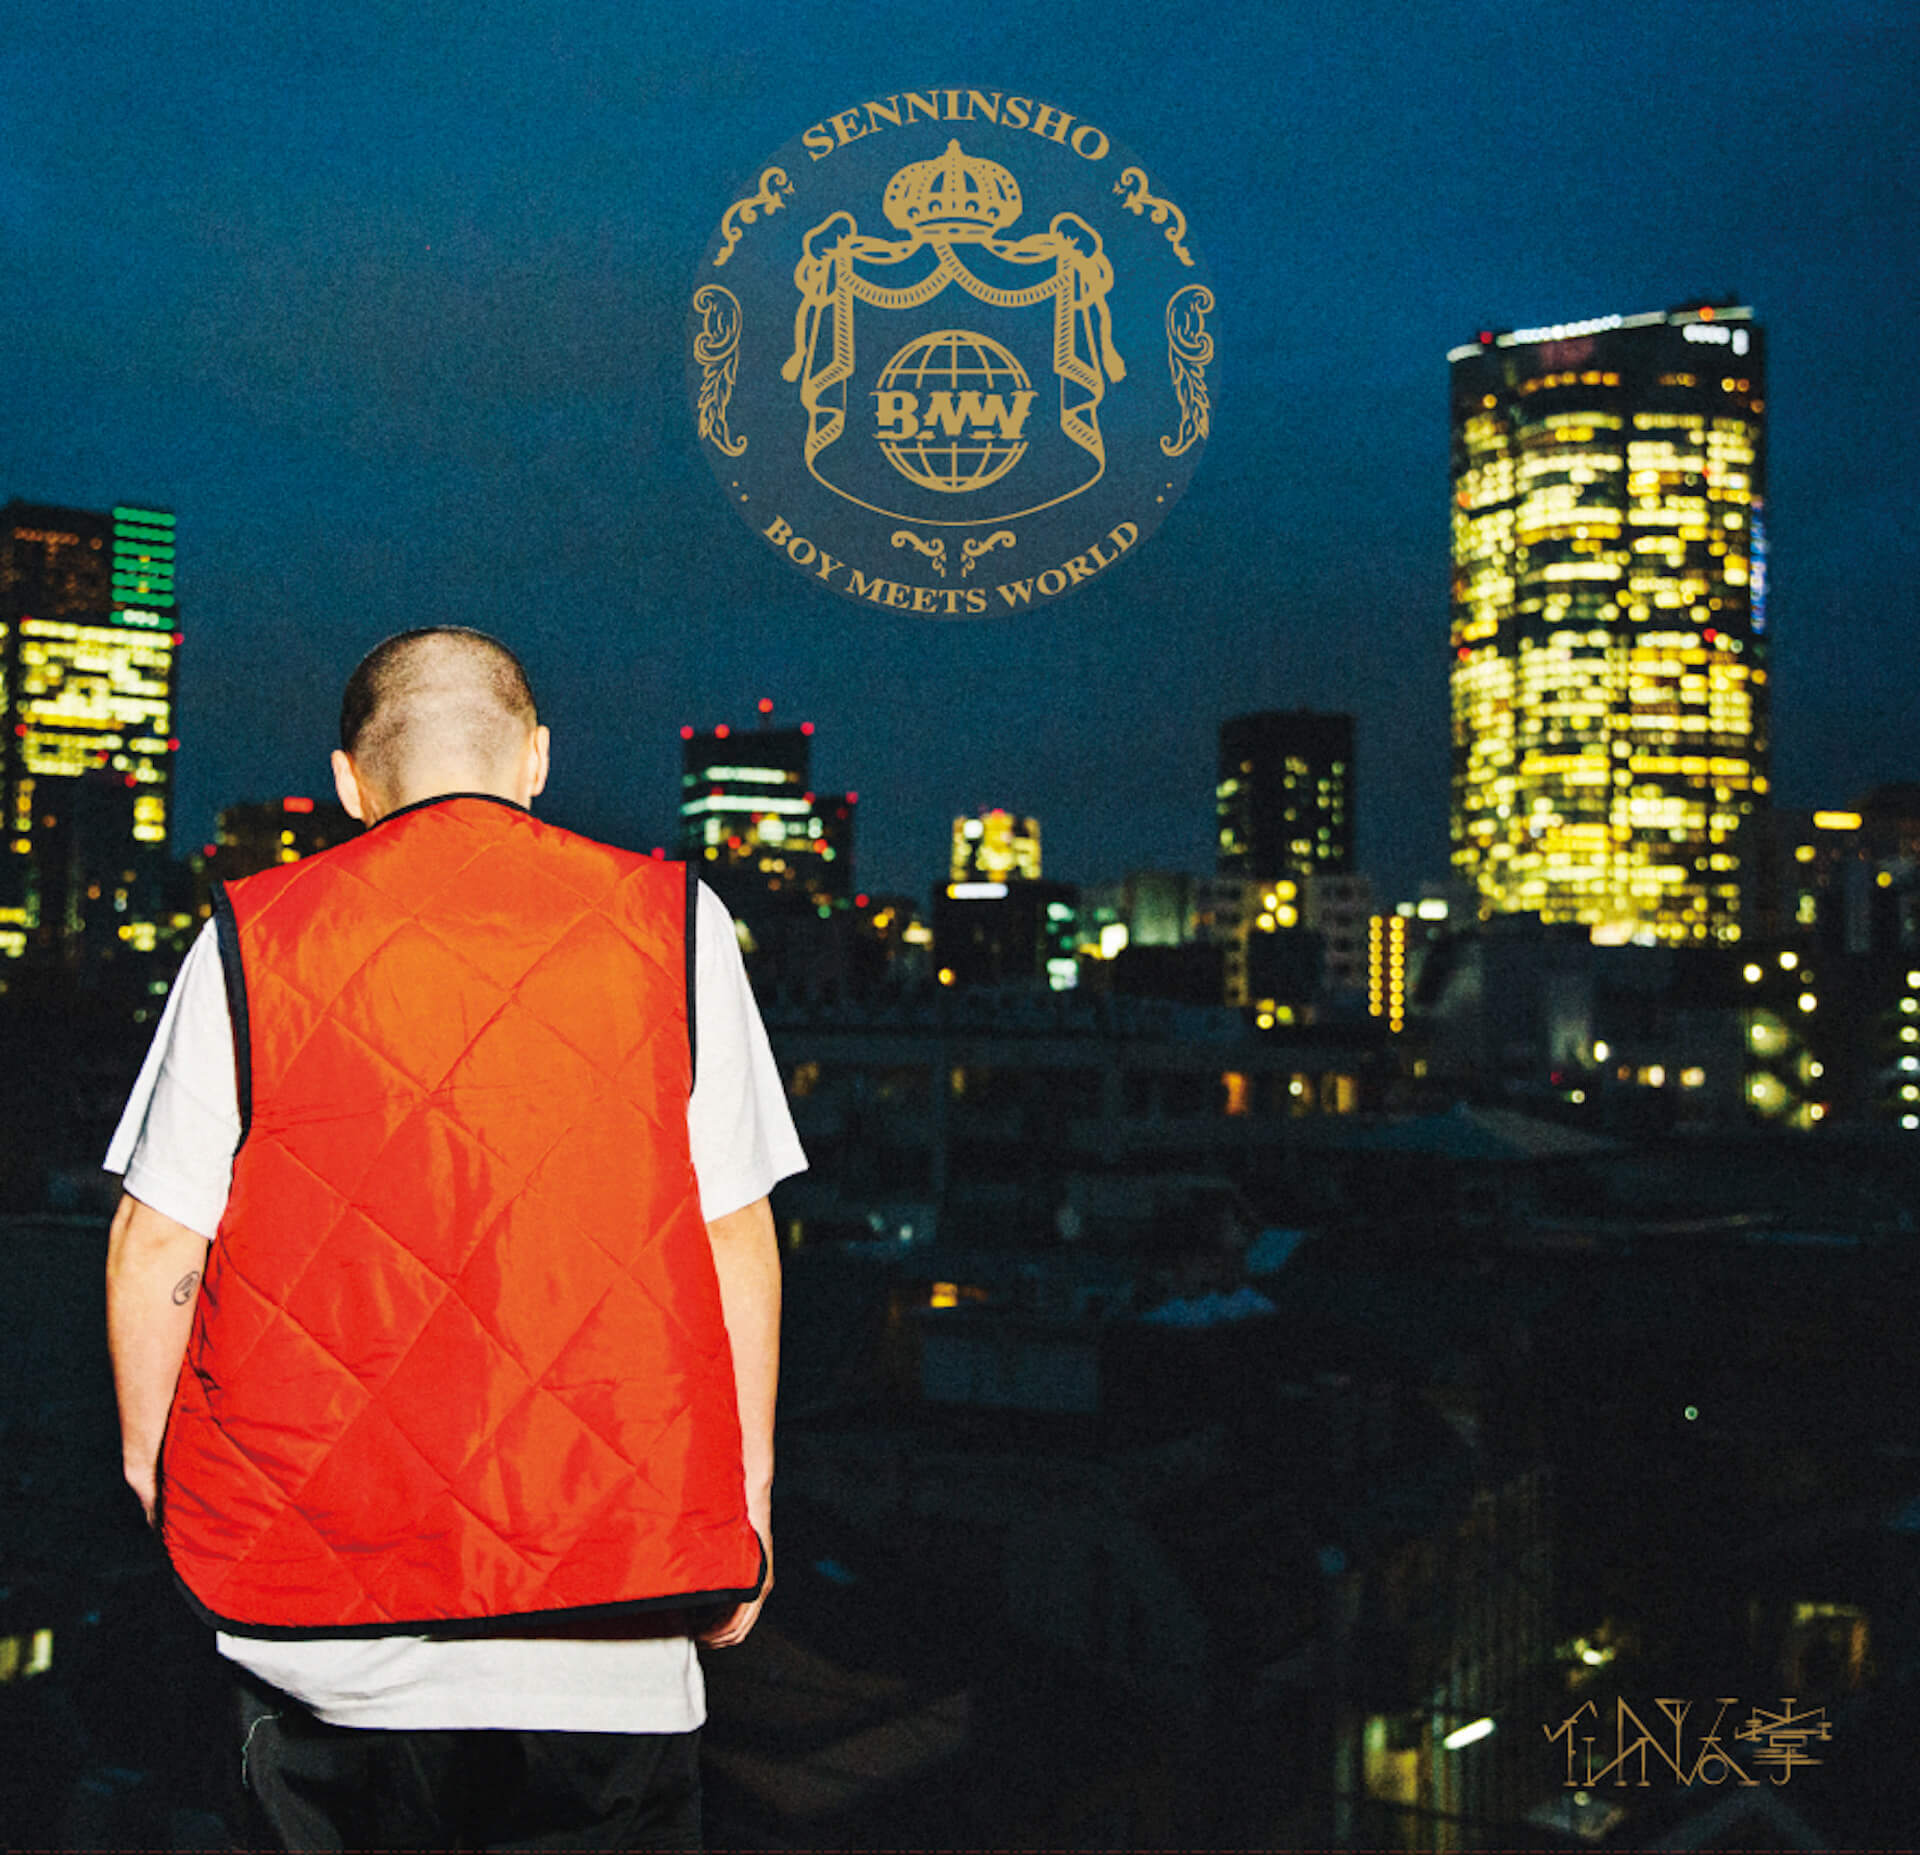 仙人掌の2ndアルバム『BOY MEETS WORLD』のアナログ盤がリリース決定!JJJ、MILES WORDら参加 music200526_senninsho_2